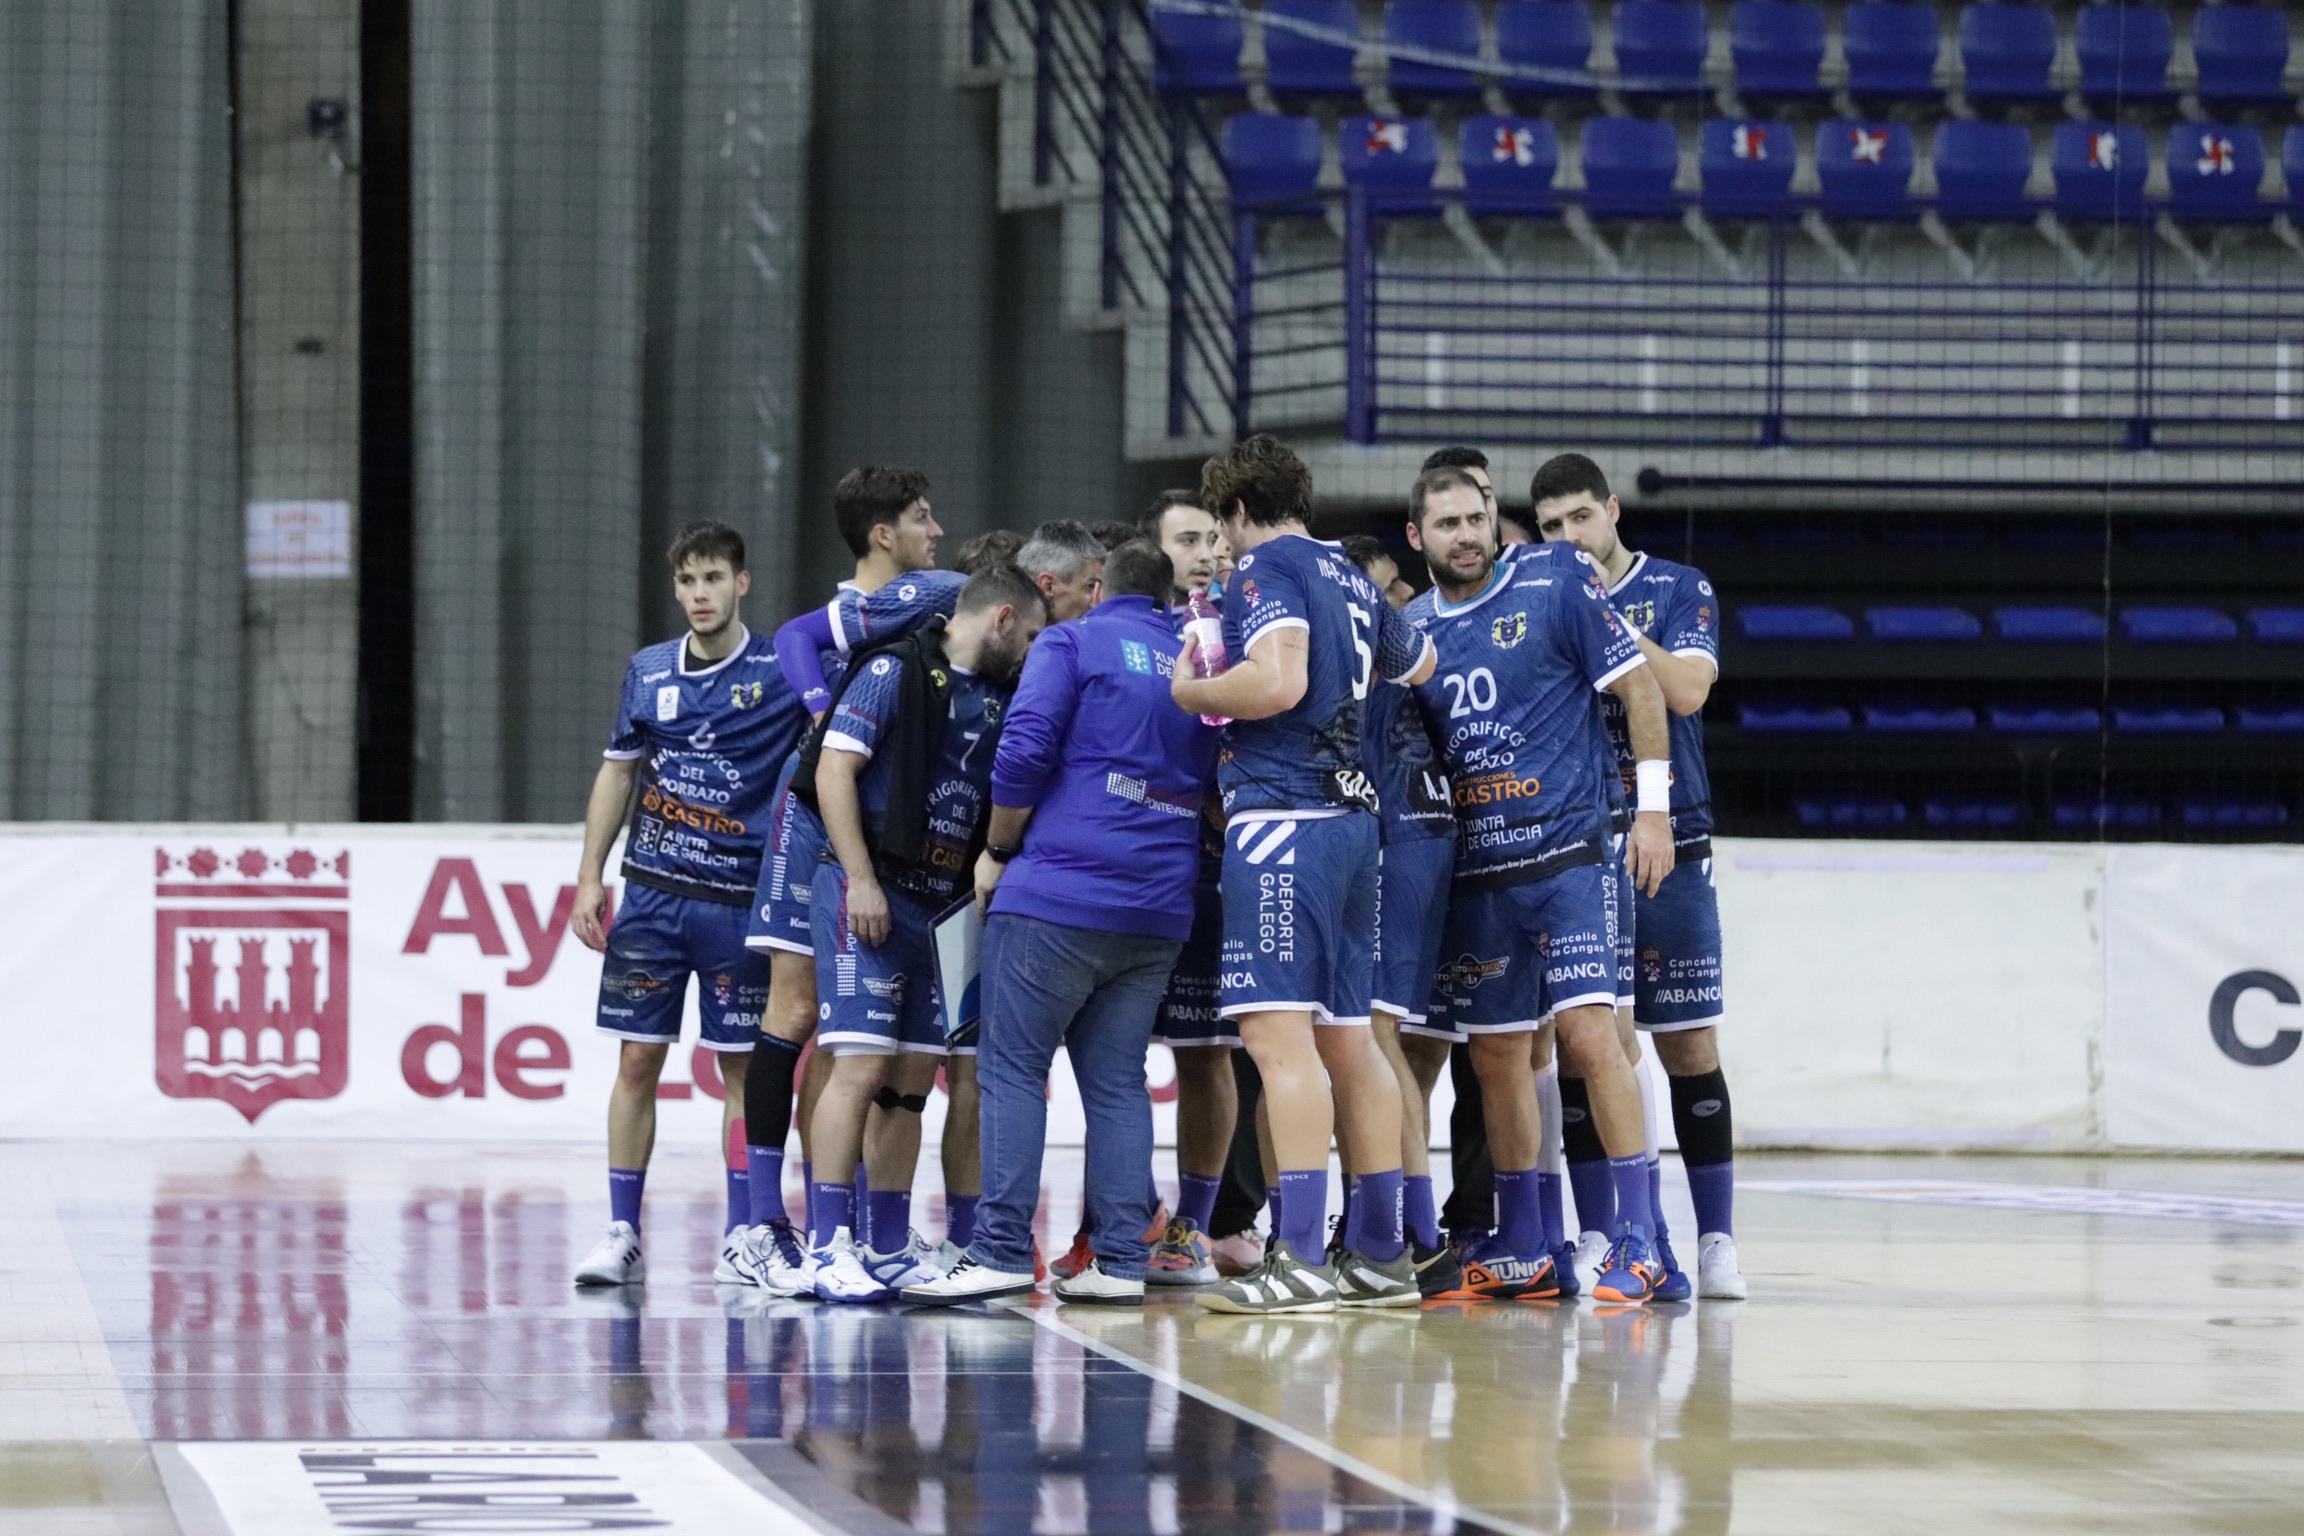 Cangas / Foto: Juan Acobi